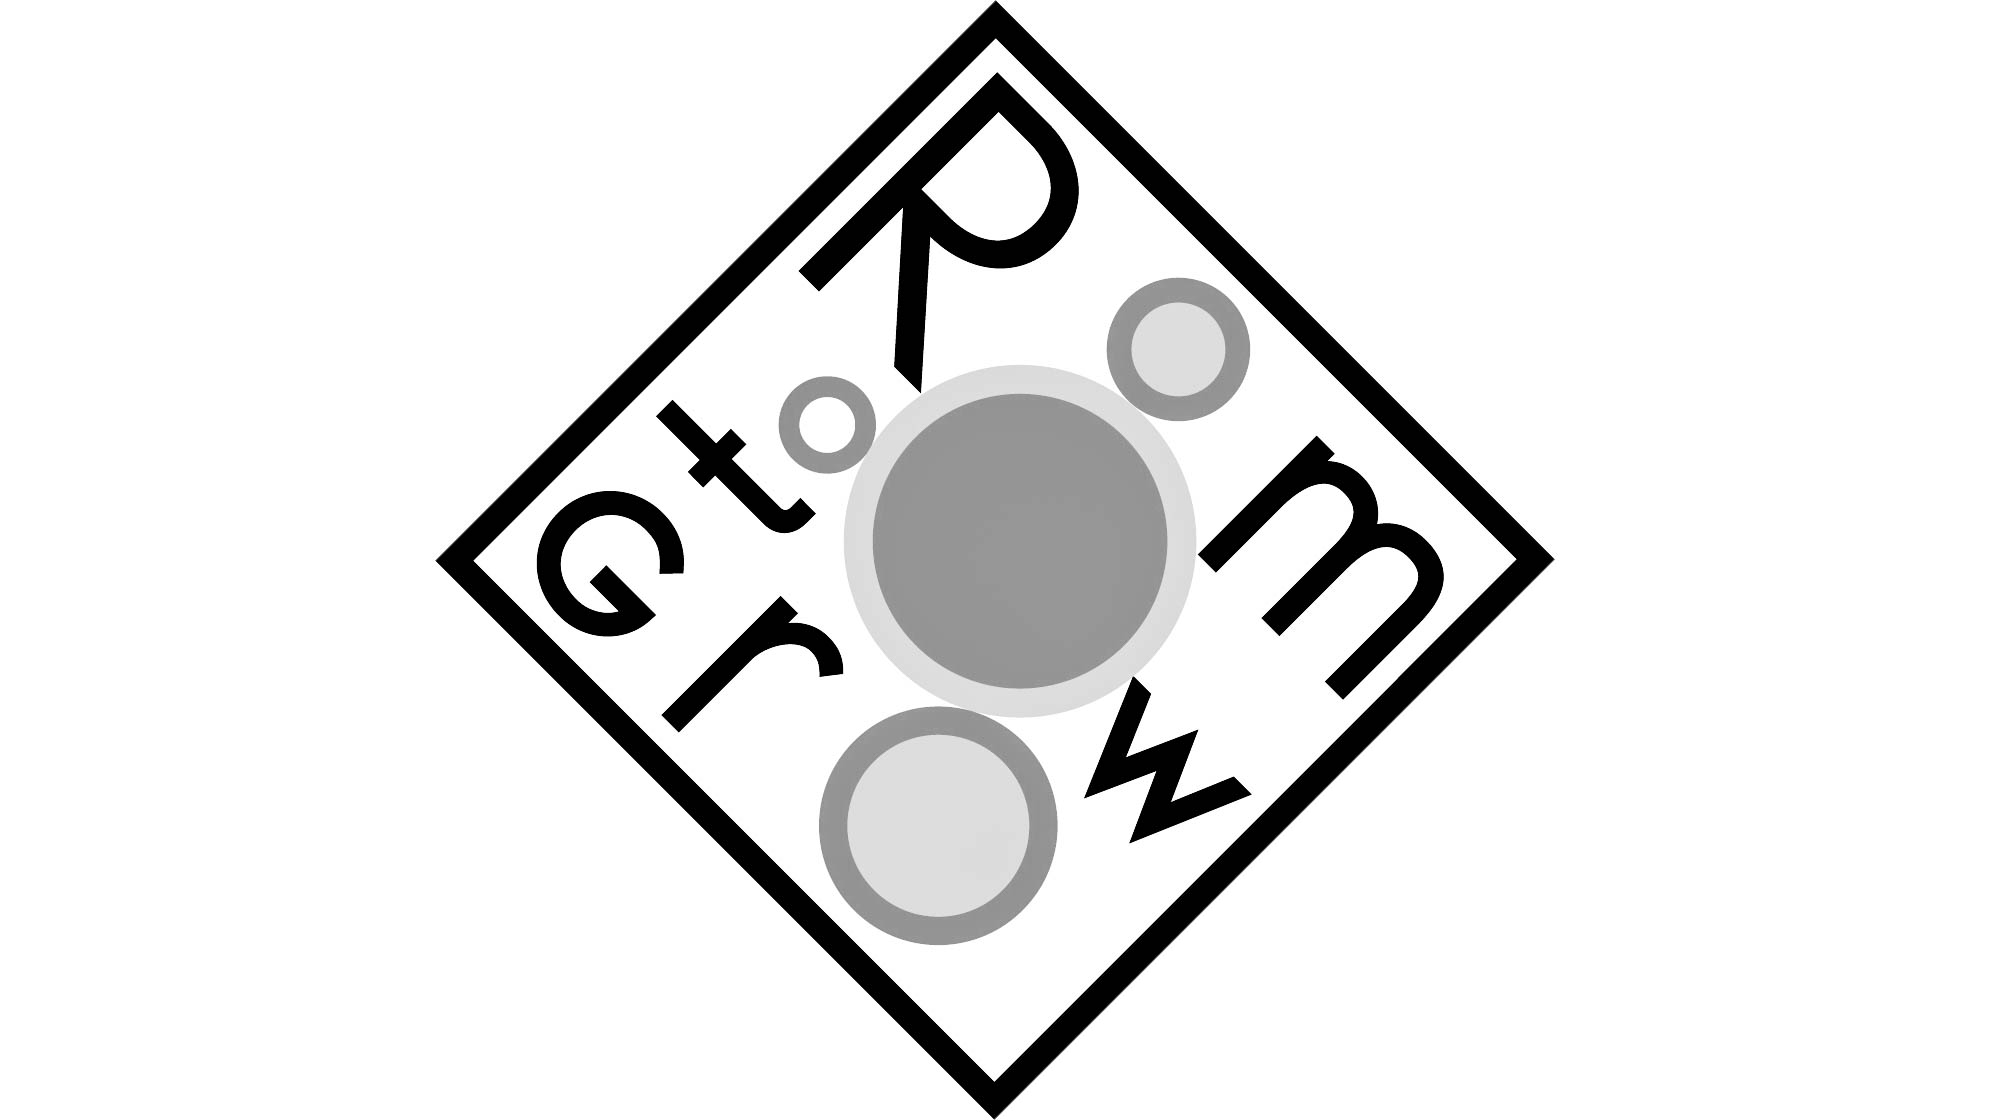 Room to Grow-BW.jpg